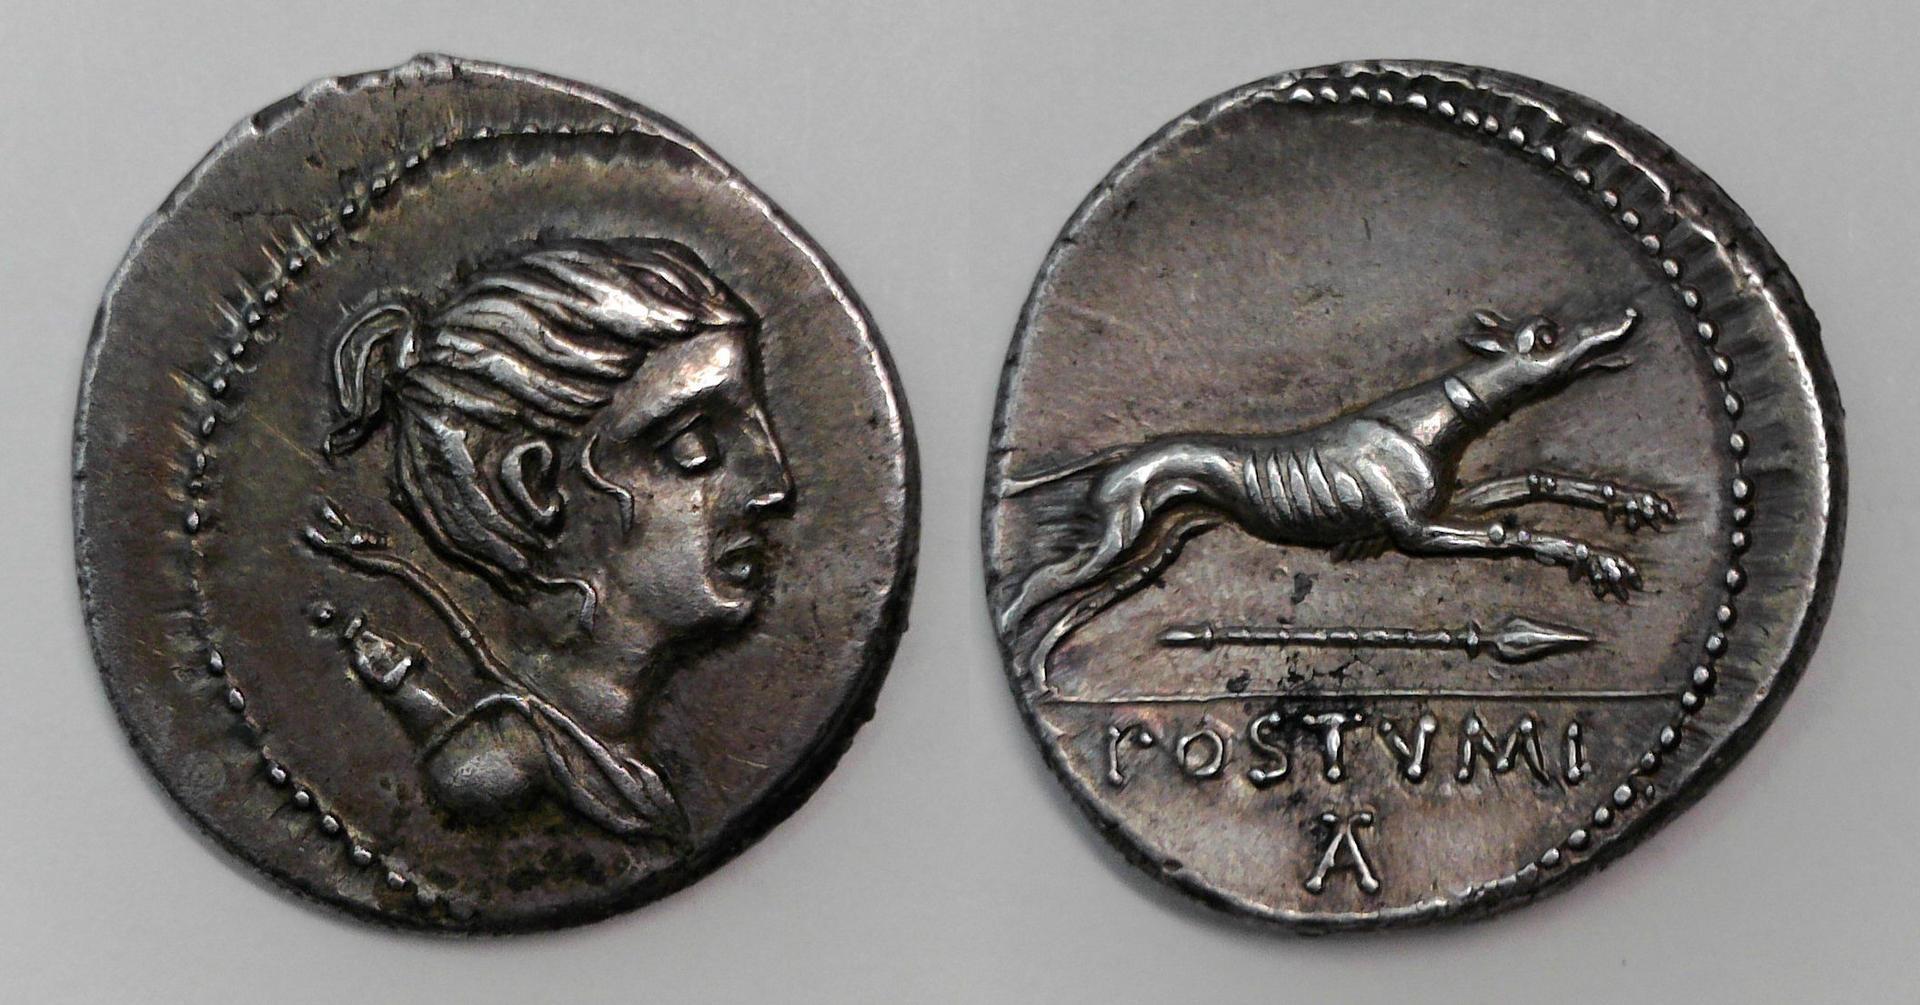 C. Postumius, 73 BC, C. 394/1a